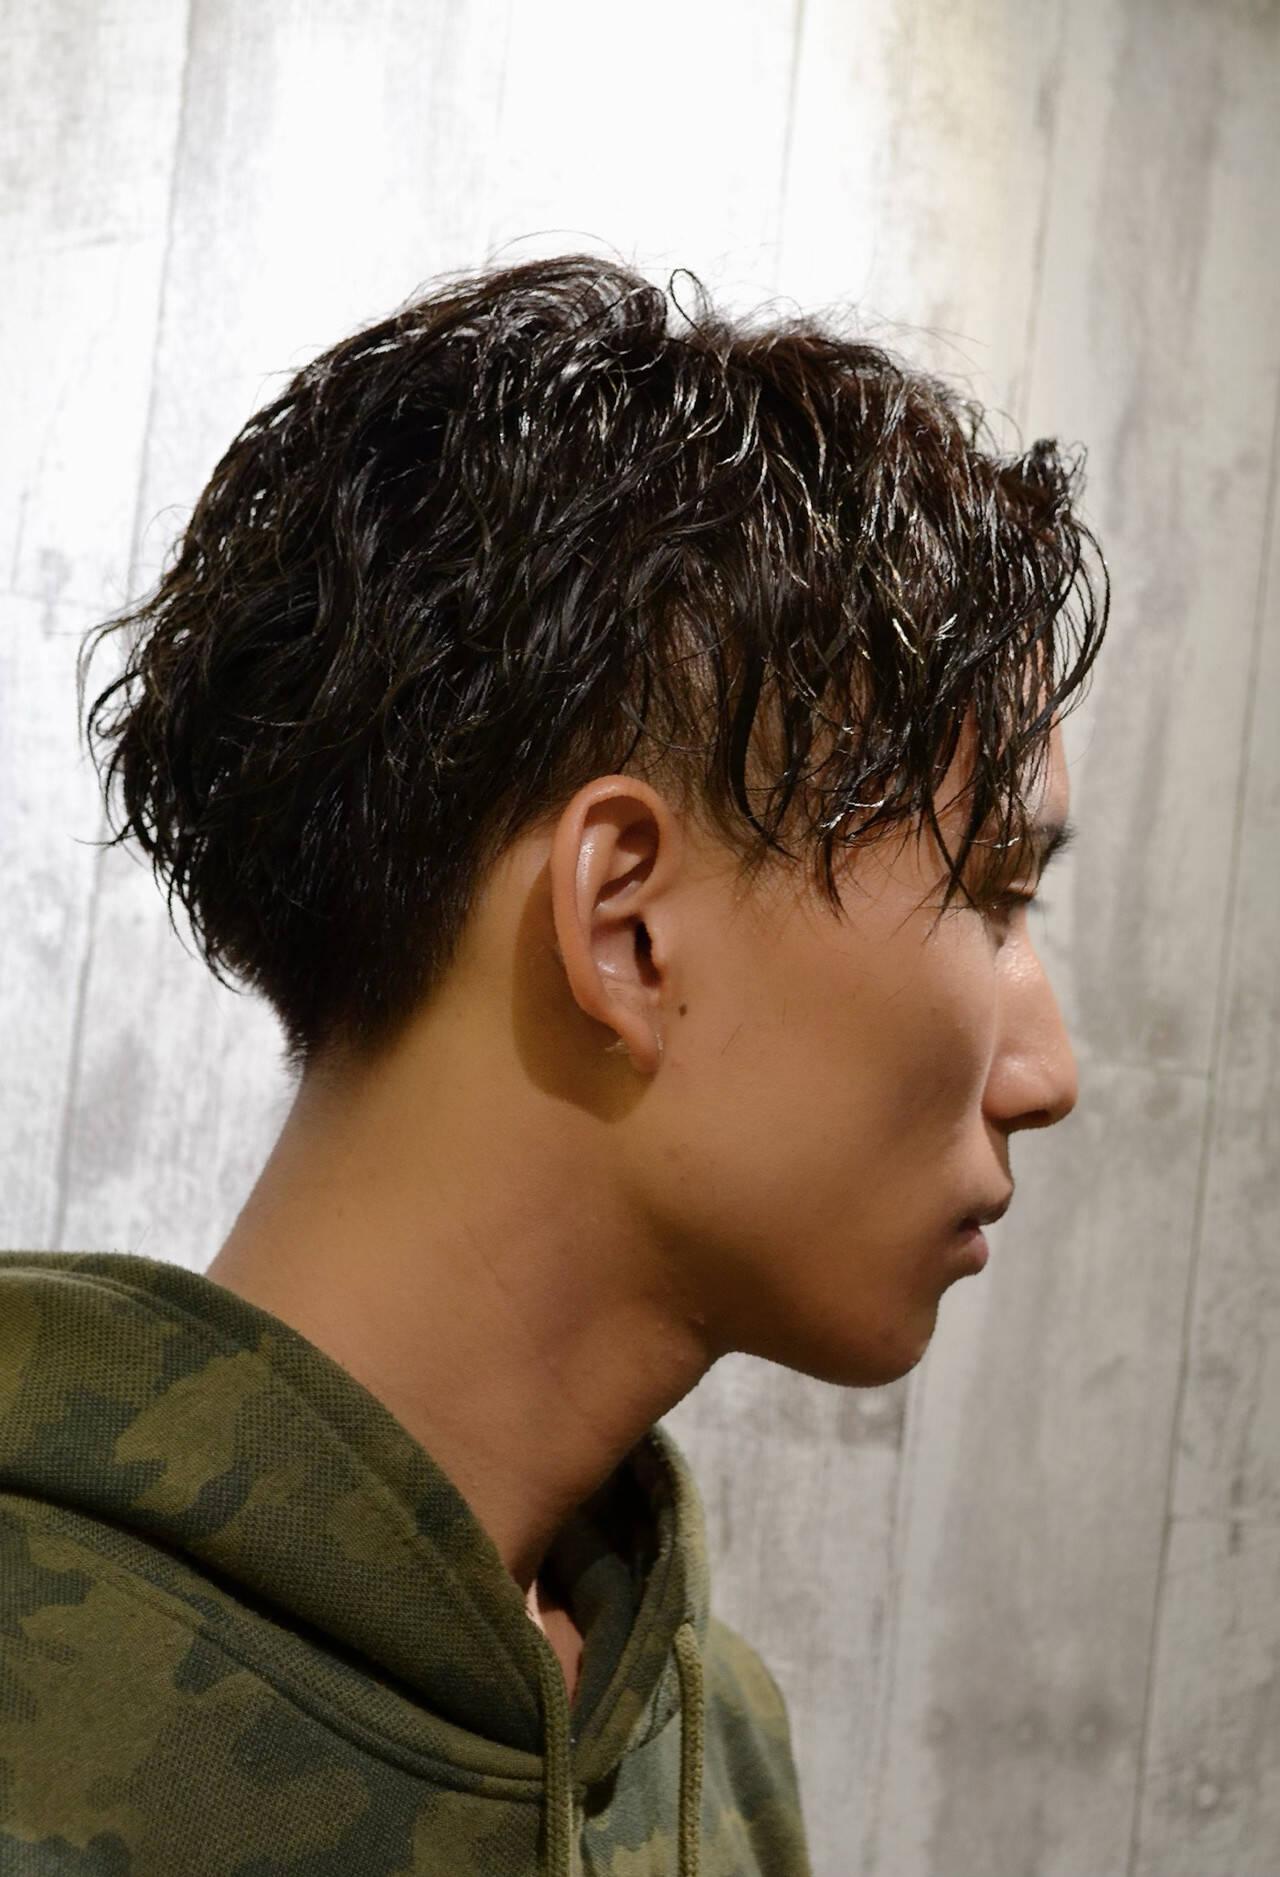 メンズパーマ スパイラルパーマ ツーブロック ショートヘアスタイルや髪型の写真・画像